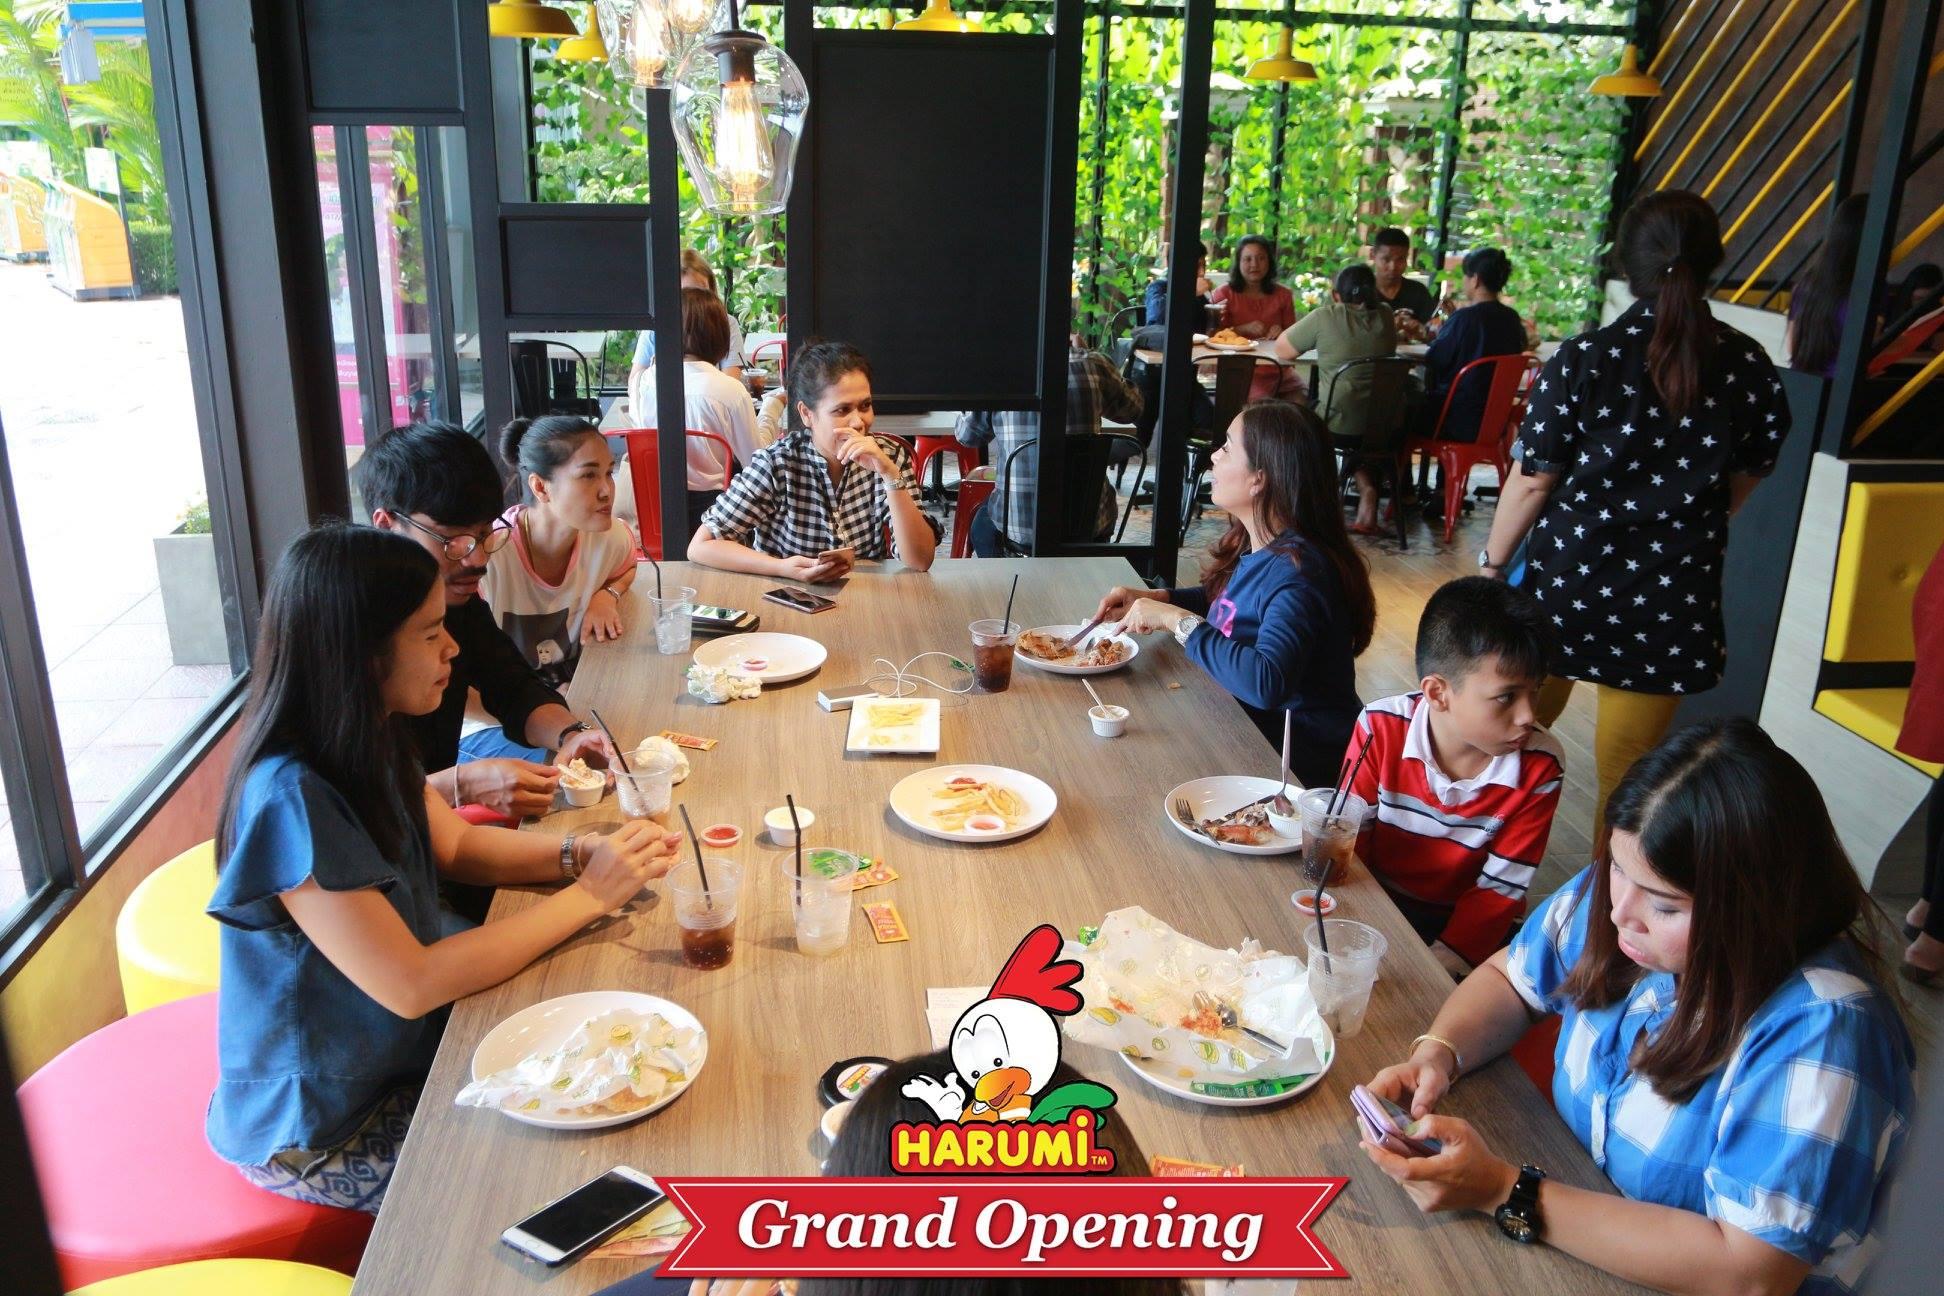 Harumi thailand ร้านไก่ทอดสไตล์ไต้หวัน อร่อยเด็ด หลากหลายเมนู นครศรีดีย์